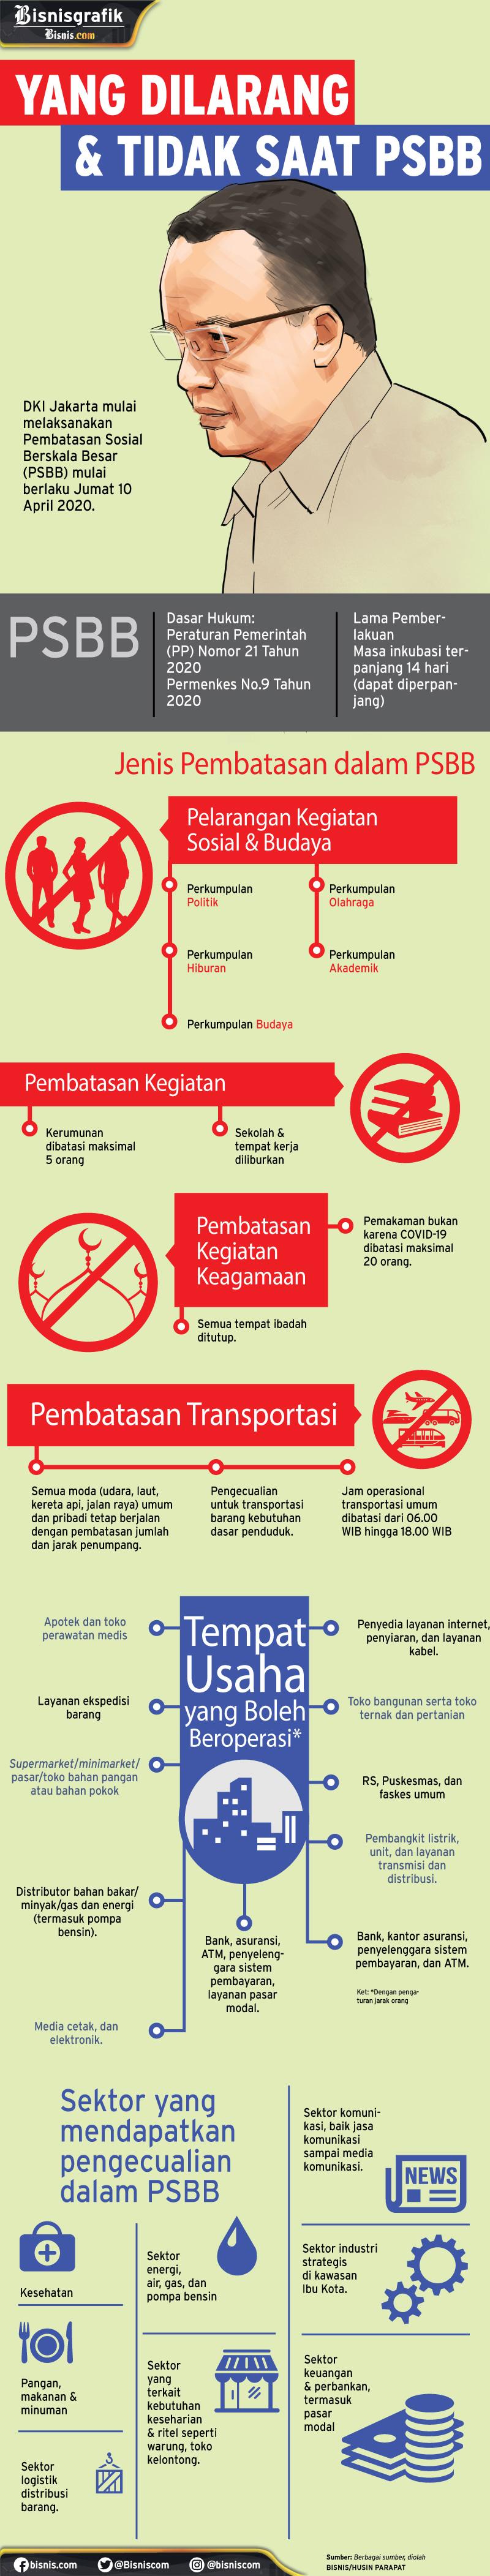 Infografik Pembatasan Sosial Berskala Besar (PSBB). - Bisnis/Husin Parapat